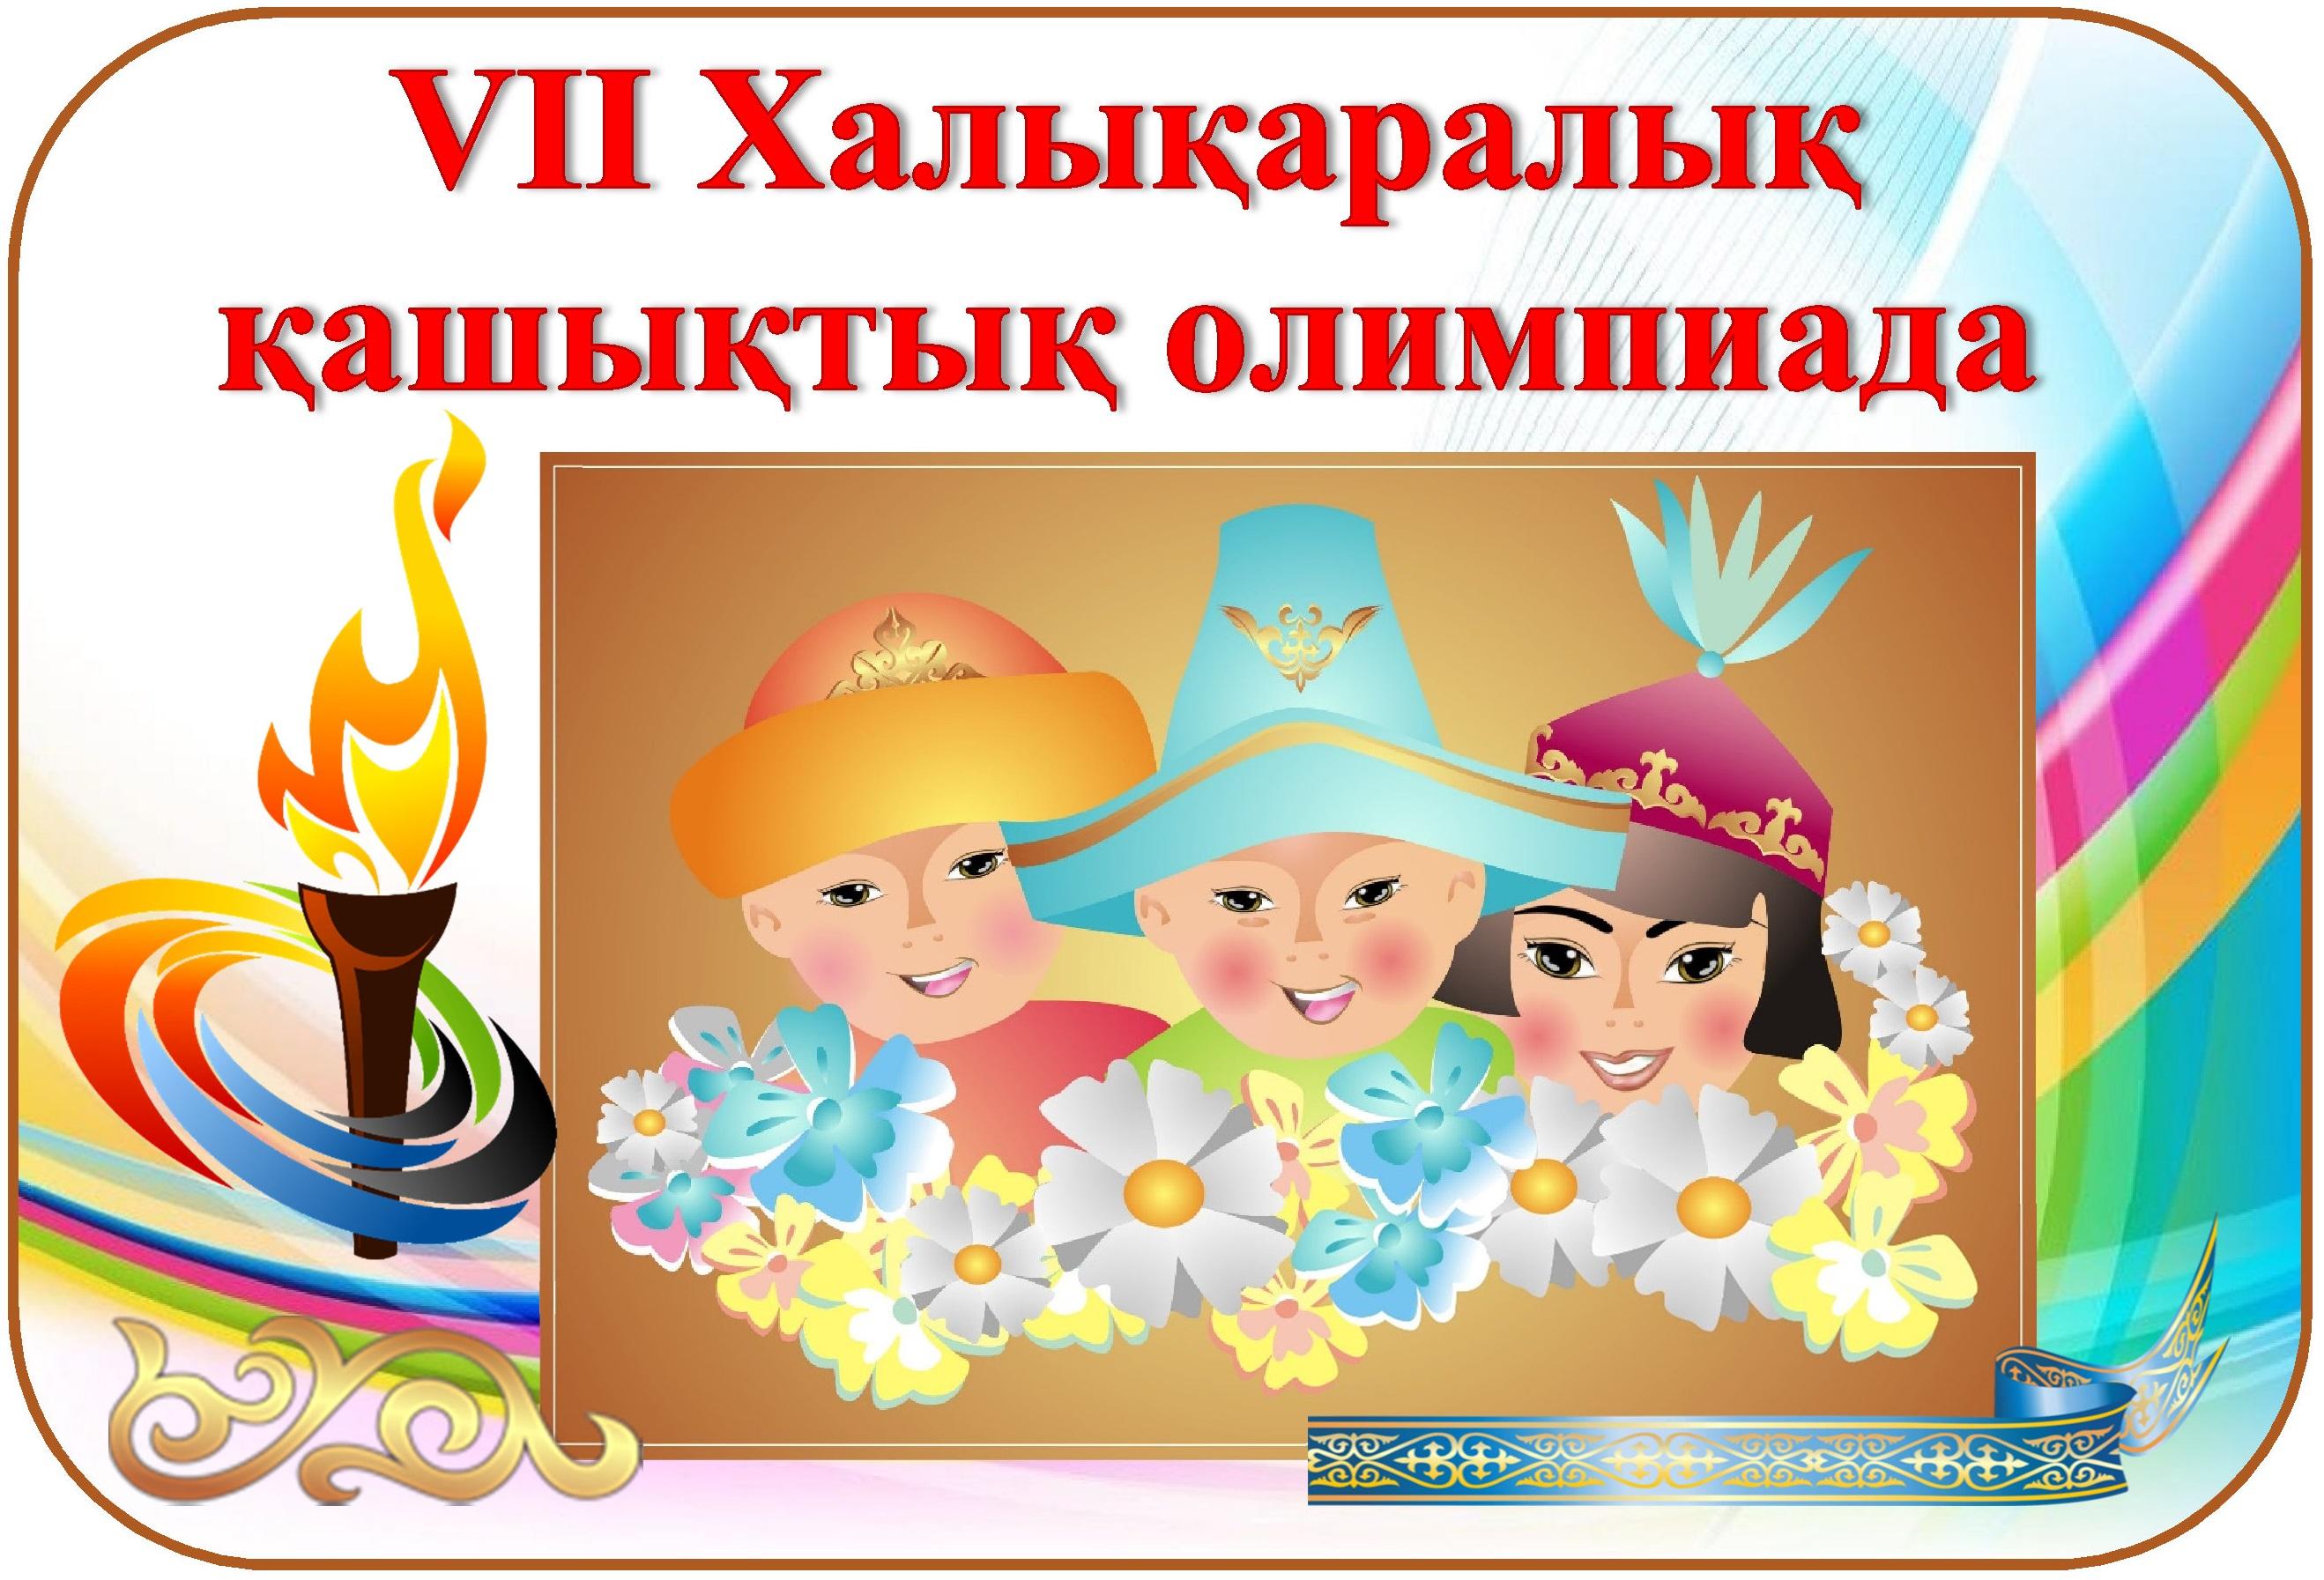 Перейти на сайт с олимпиадой